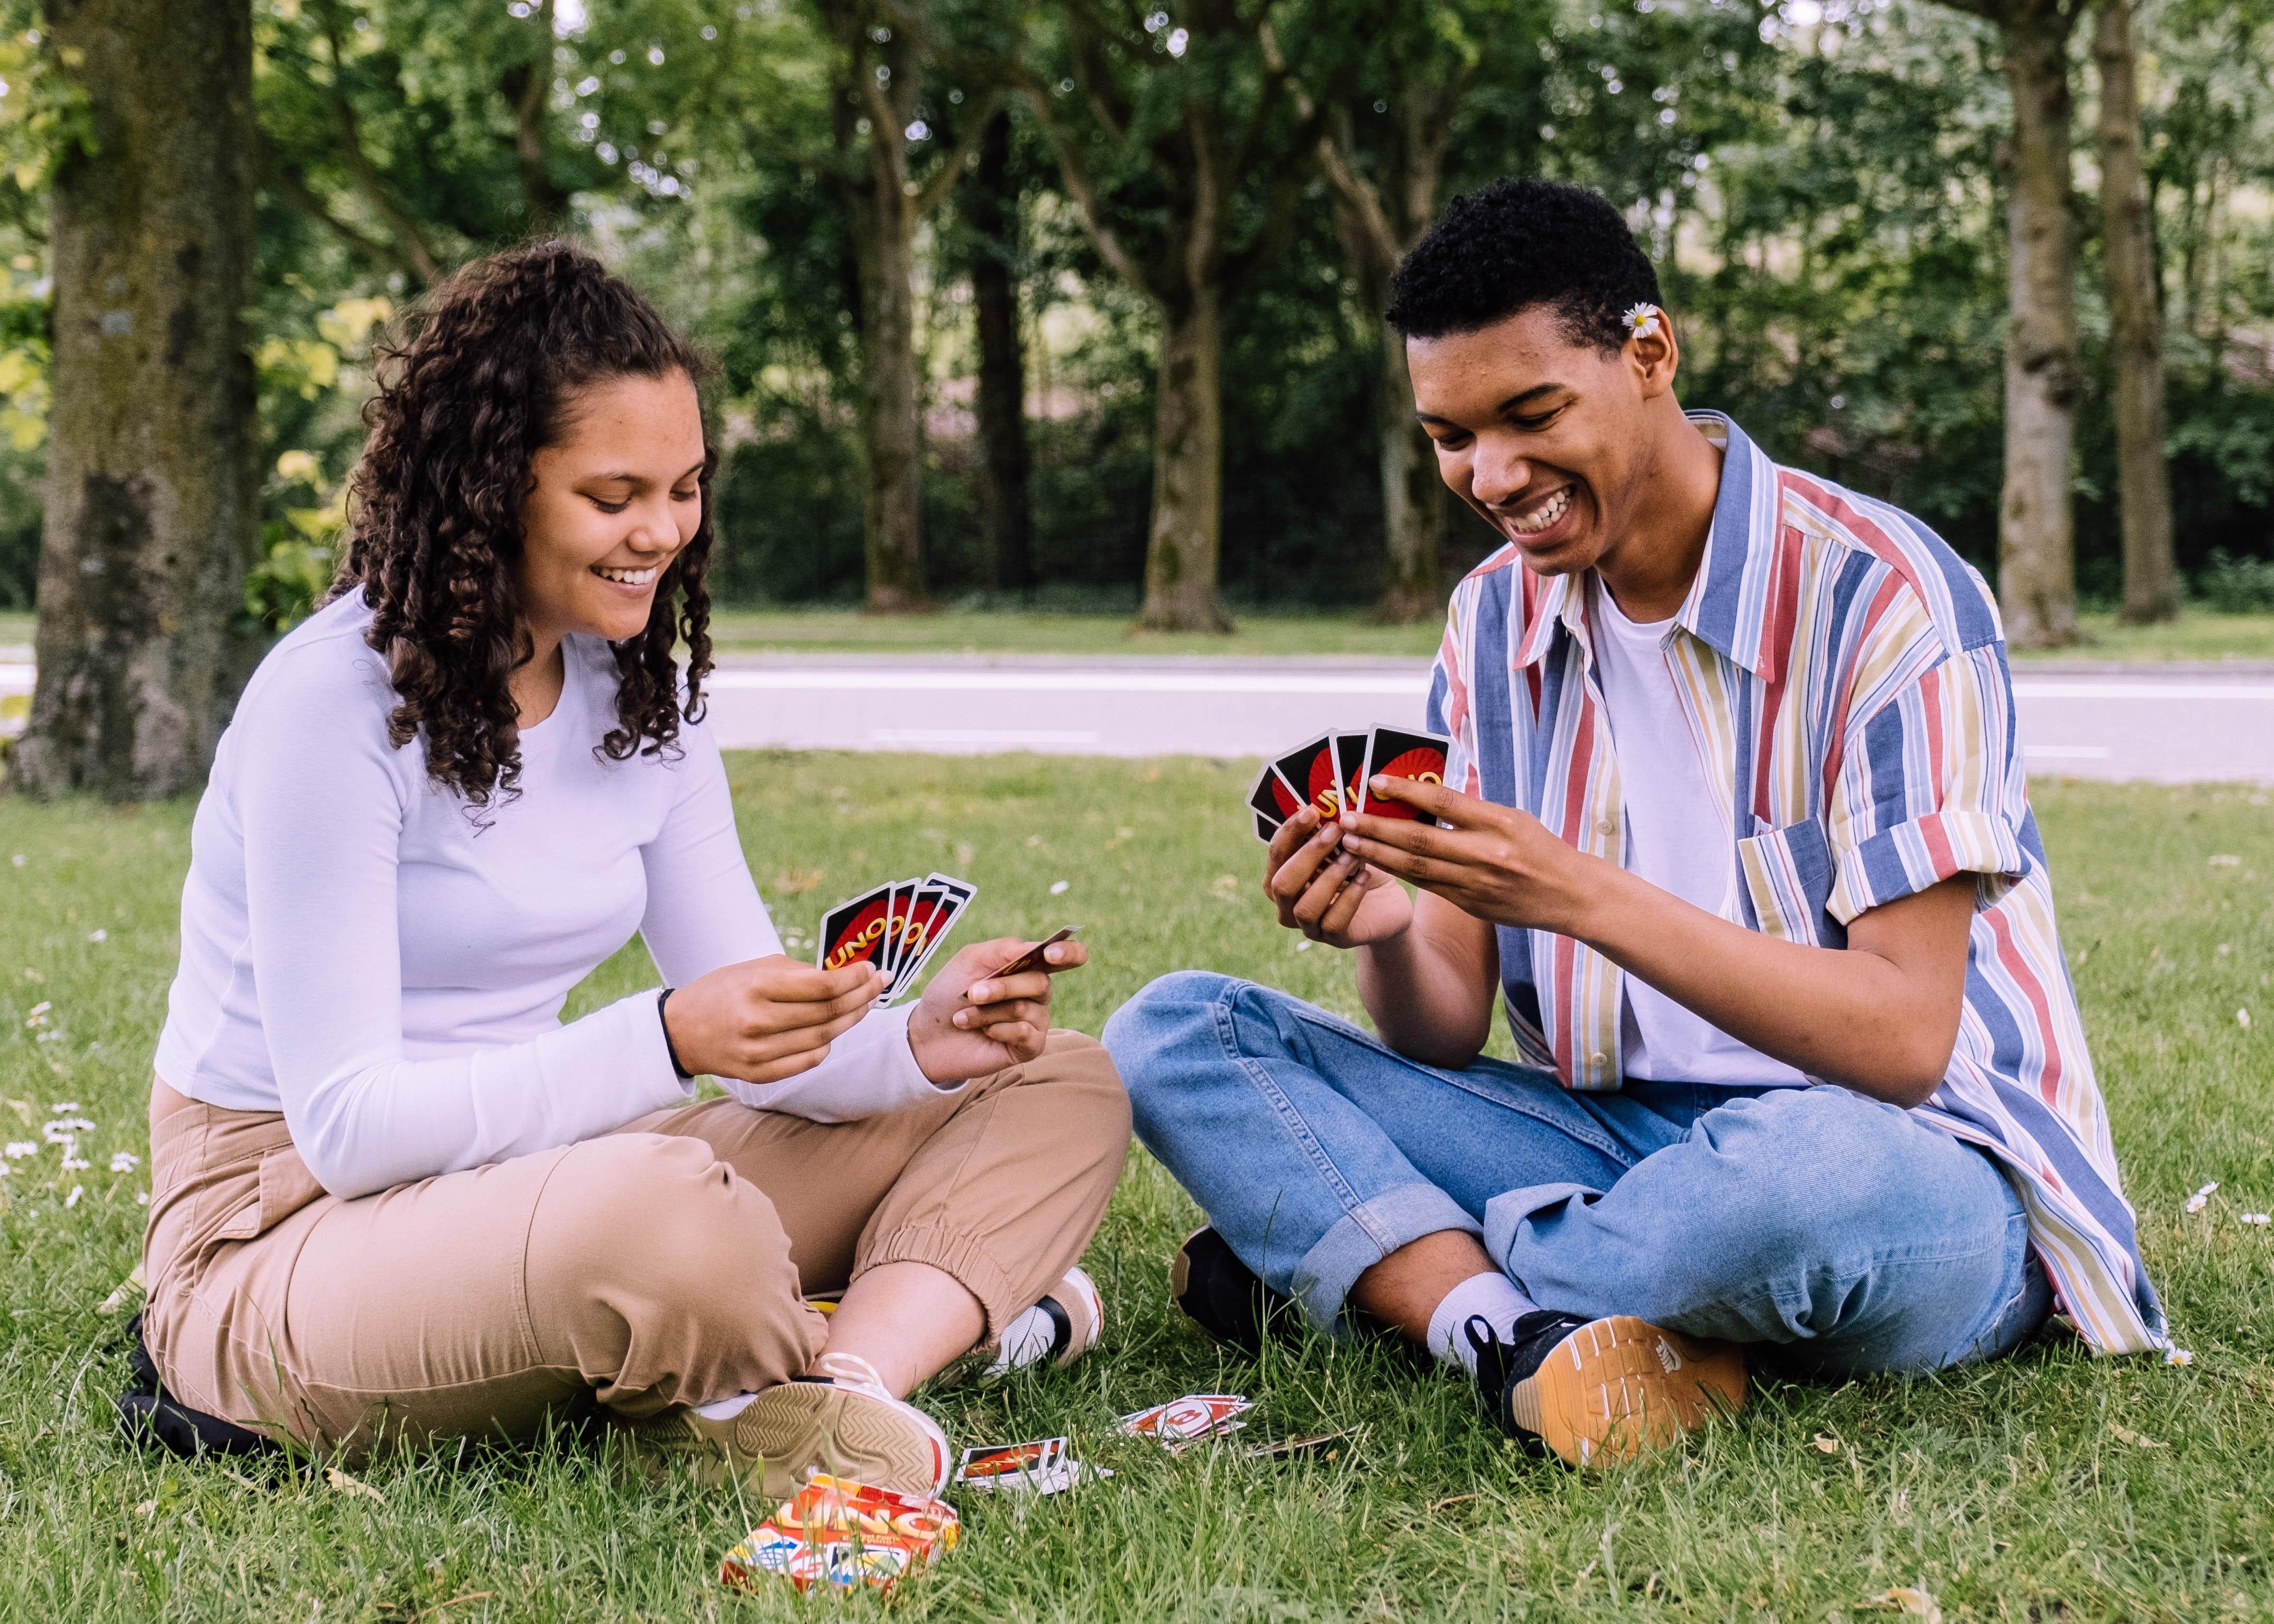 एक-दूसरे को समझने का बेहतरीन मौका देता है बोर्ड गेम